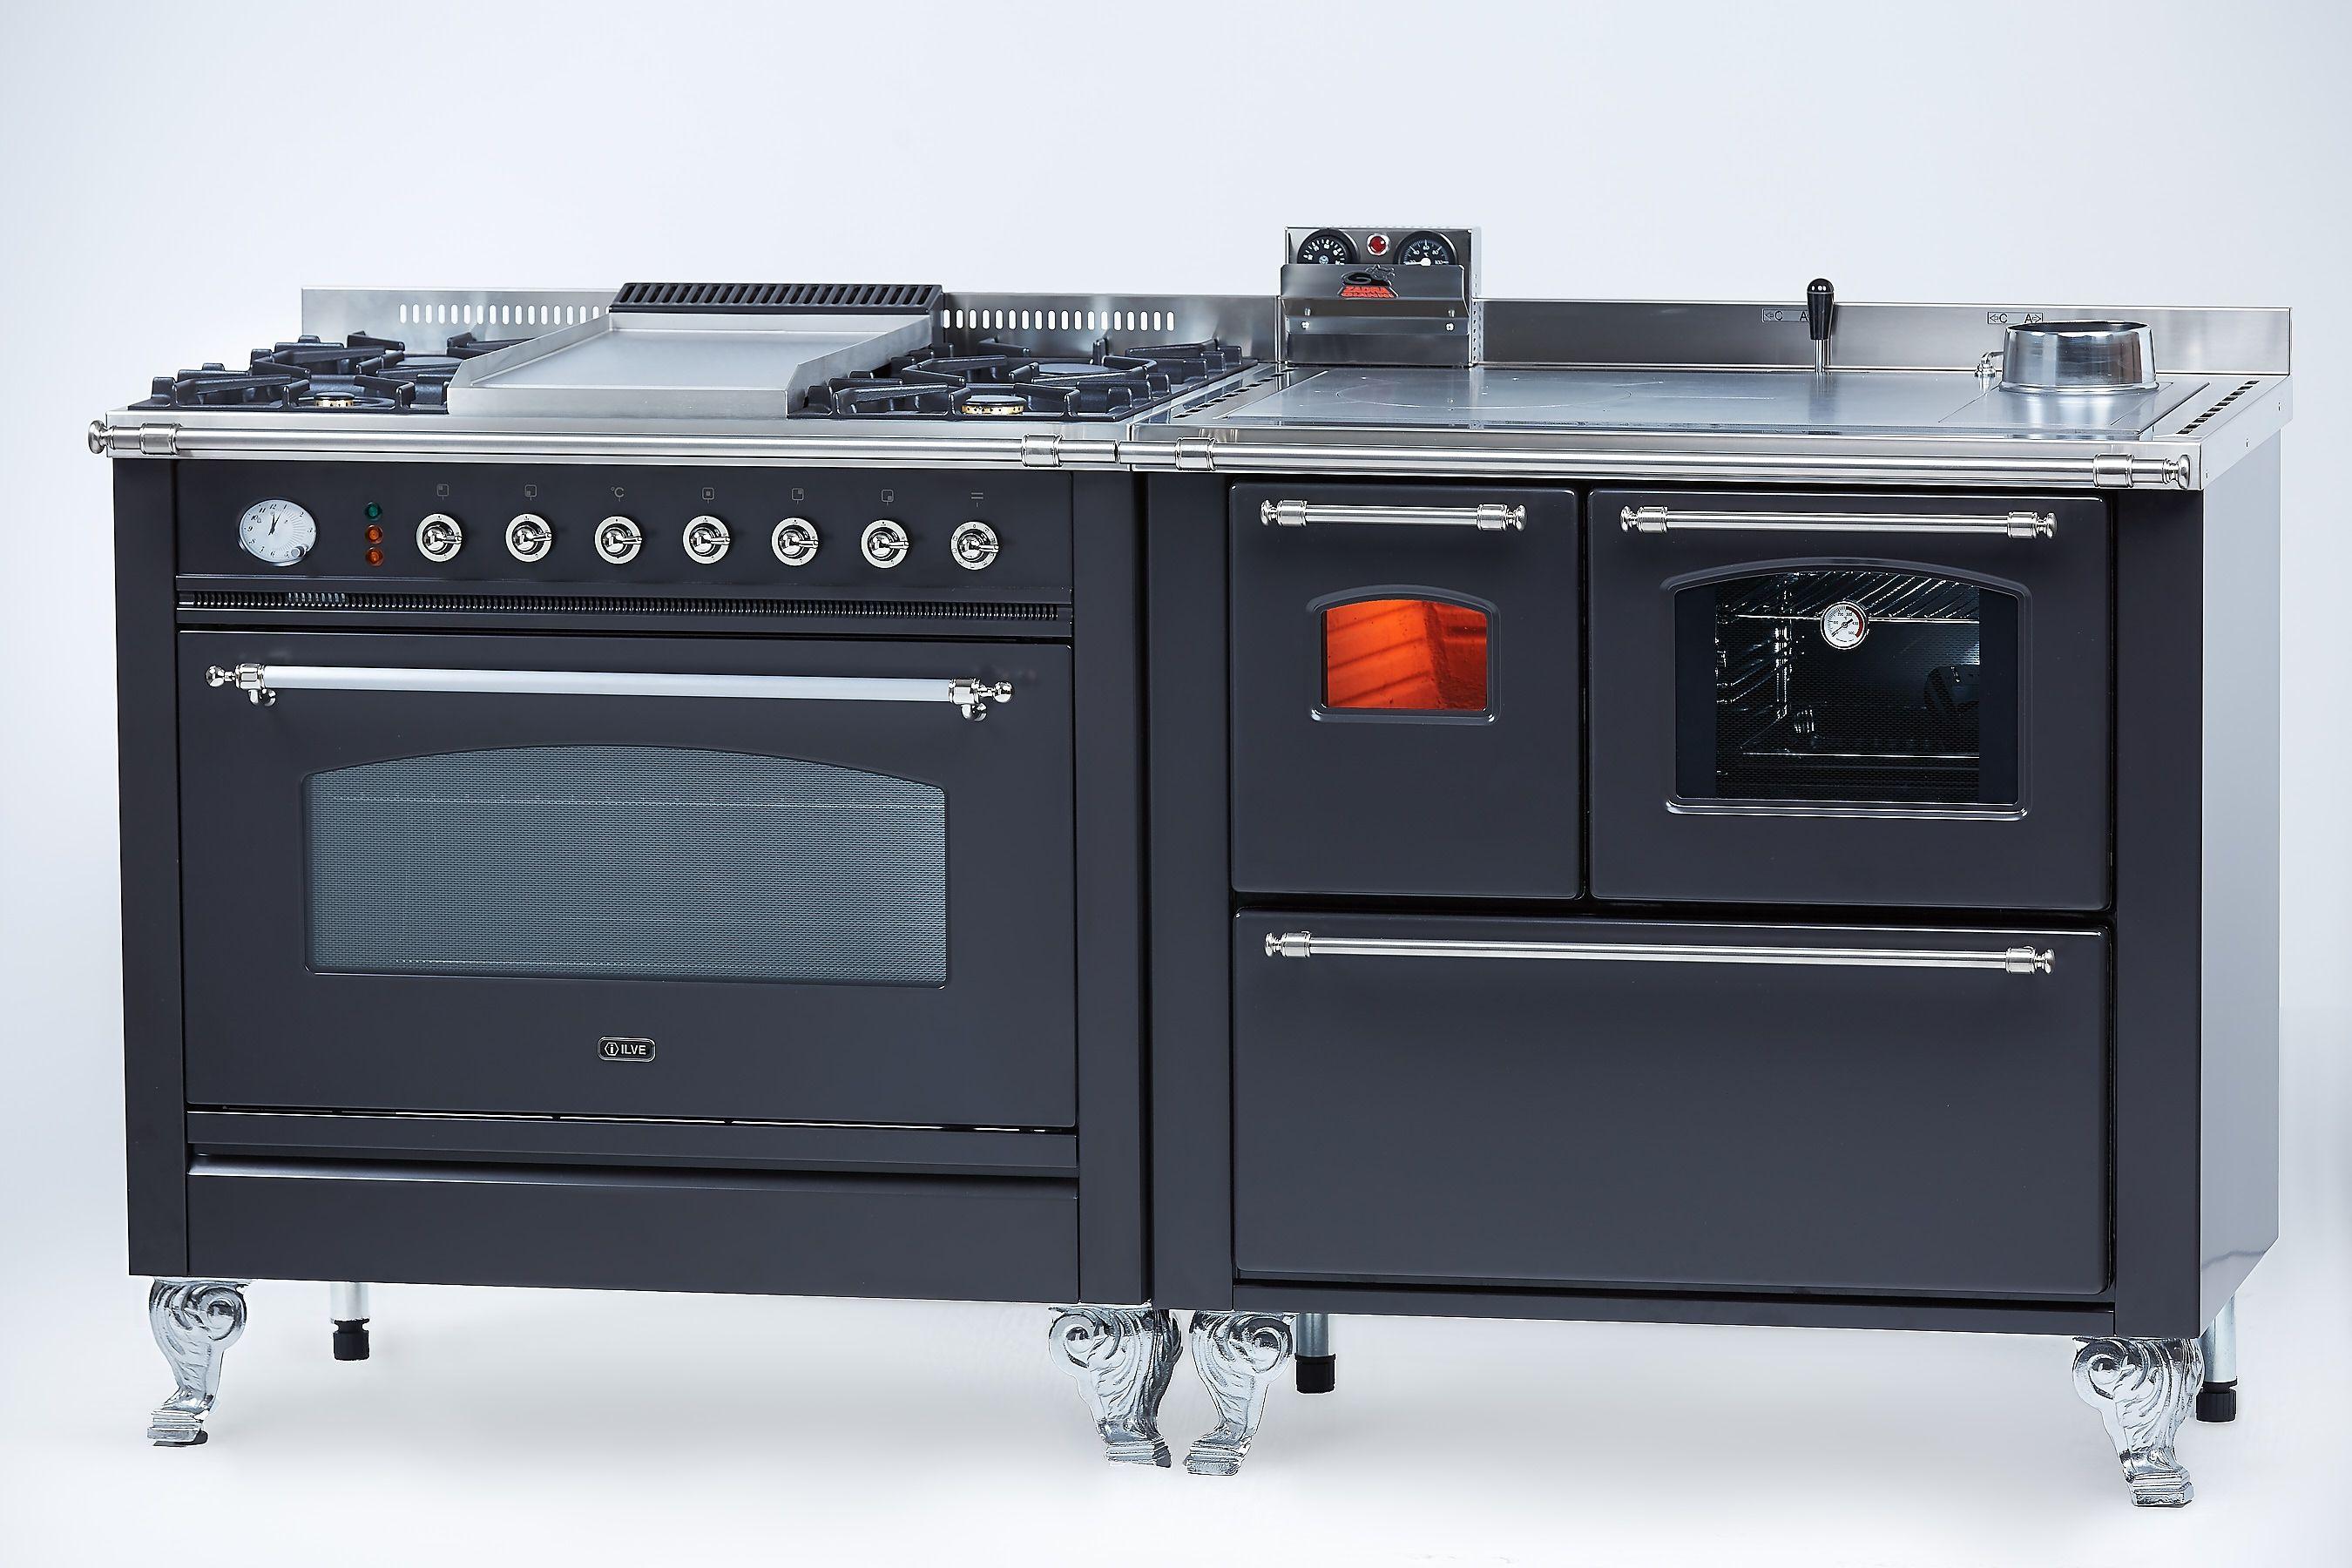 Cucina a legna abbinata alla cucina a gas con forno multifunzione  Cucine a legna nel 2019